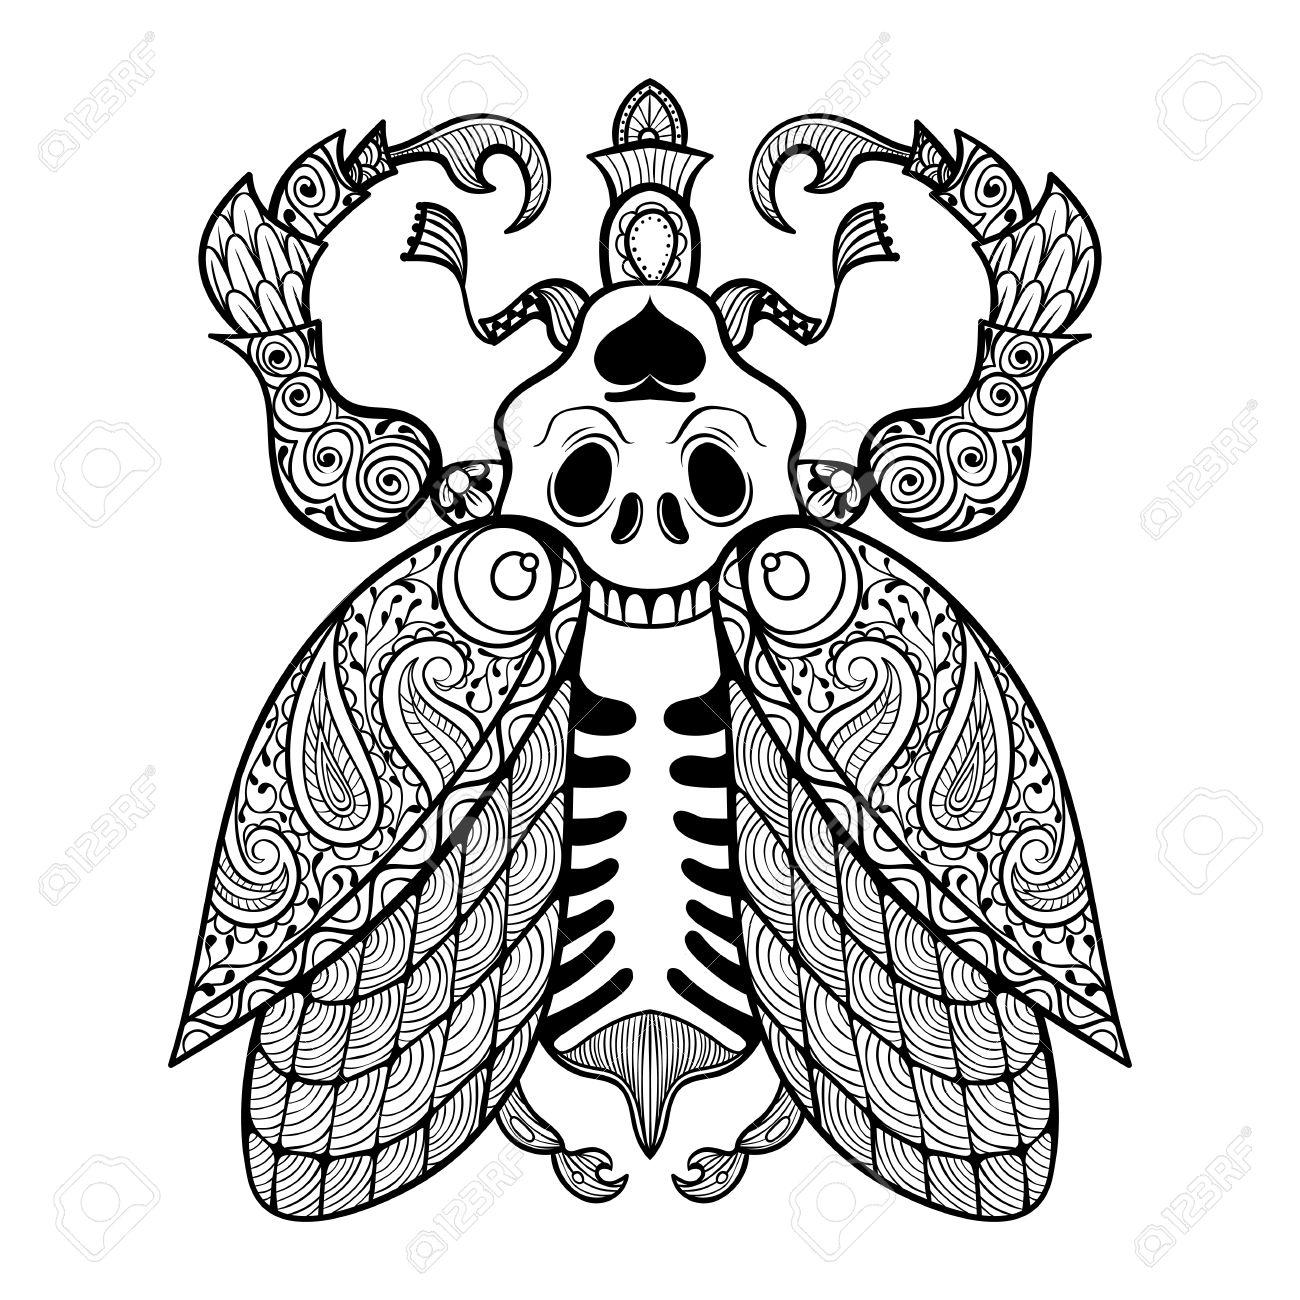 Dibujo Para Colorear De Bug Con El Cráneo Illustartion Zentangle